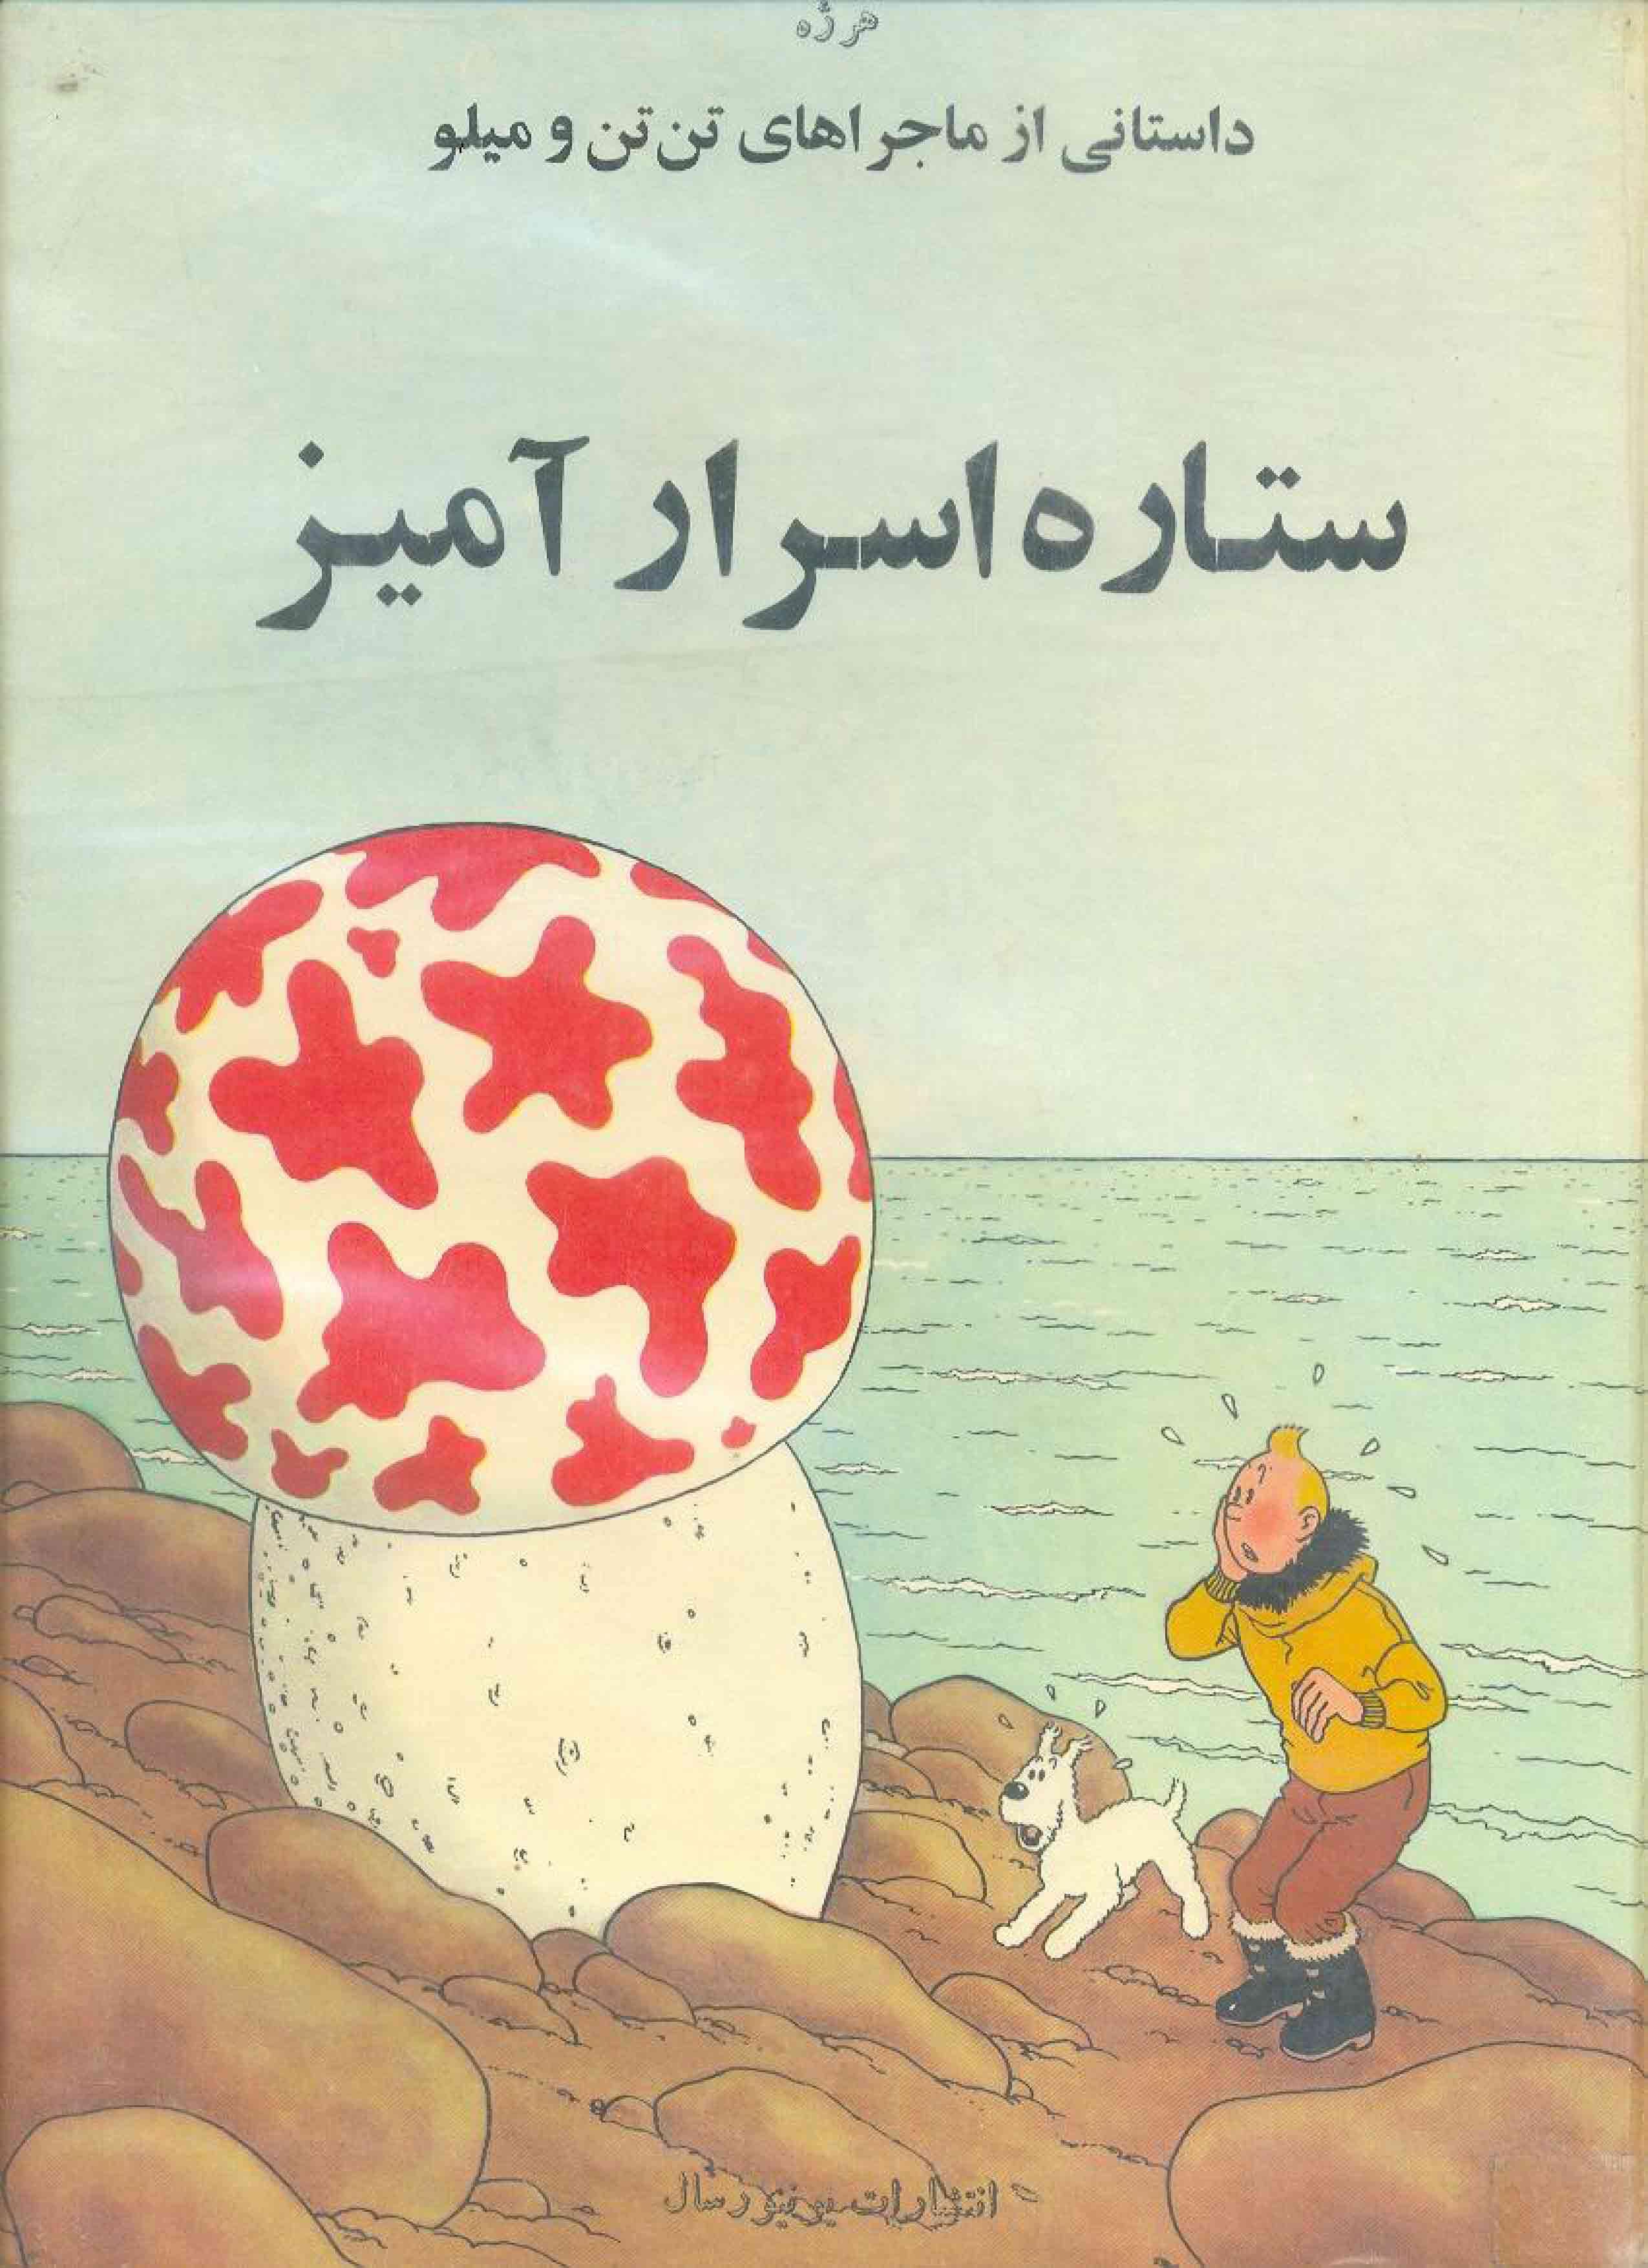 دانلود کتاب های تن تن و میلو ( بصورت PDF - ستاره اسرار آمیز )